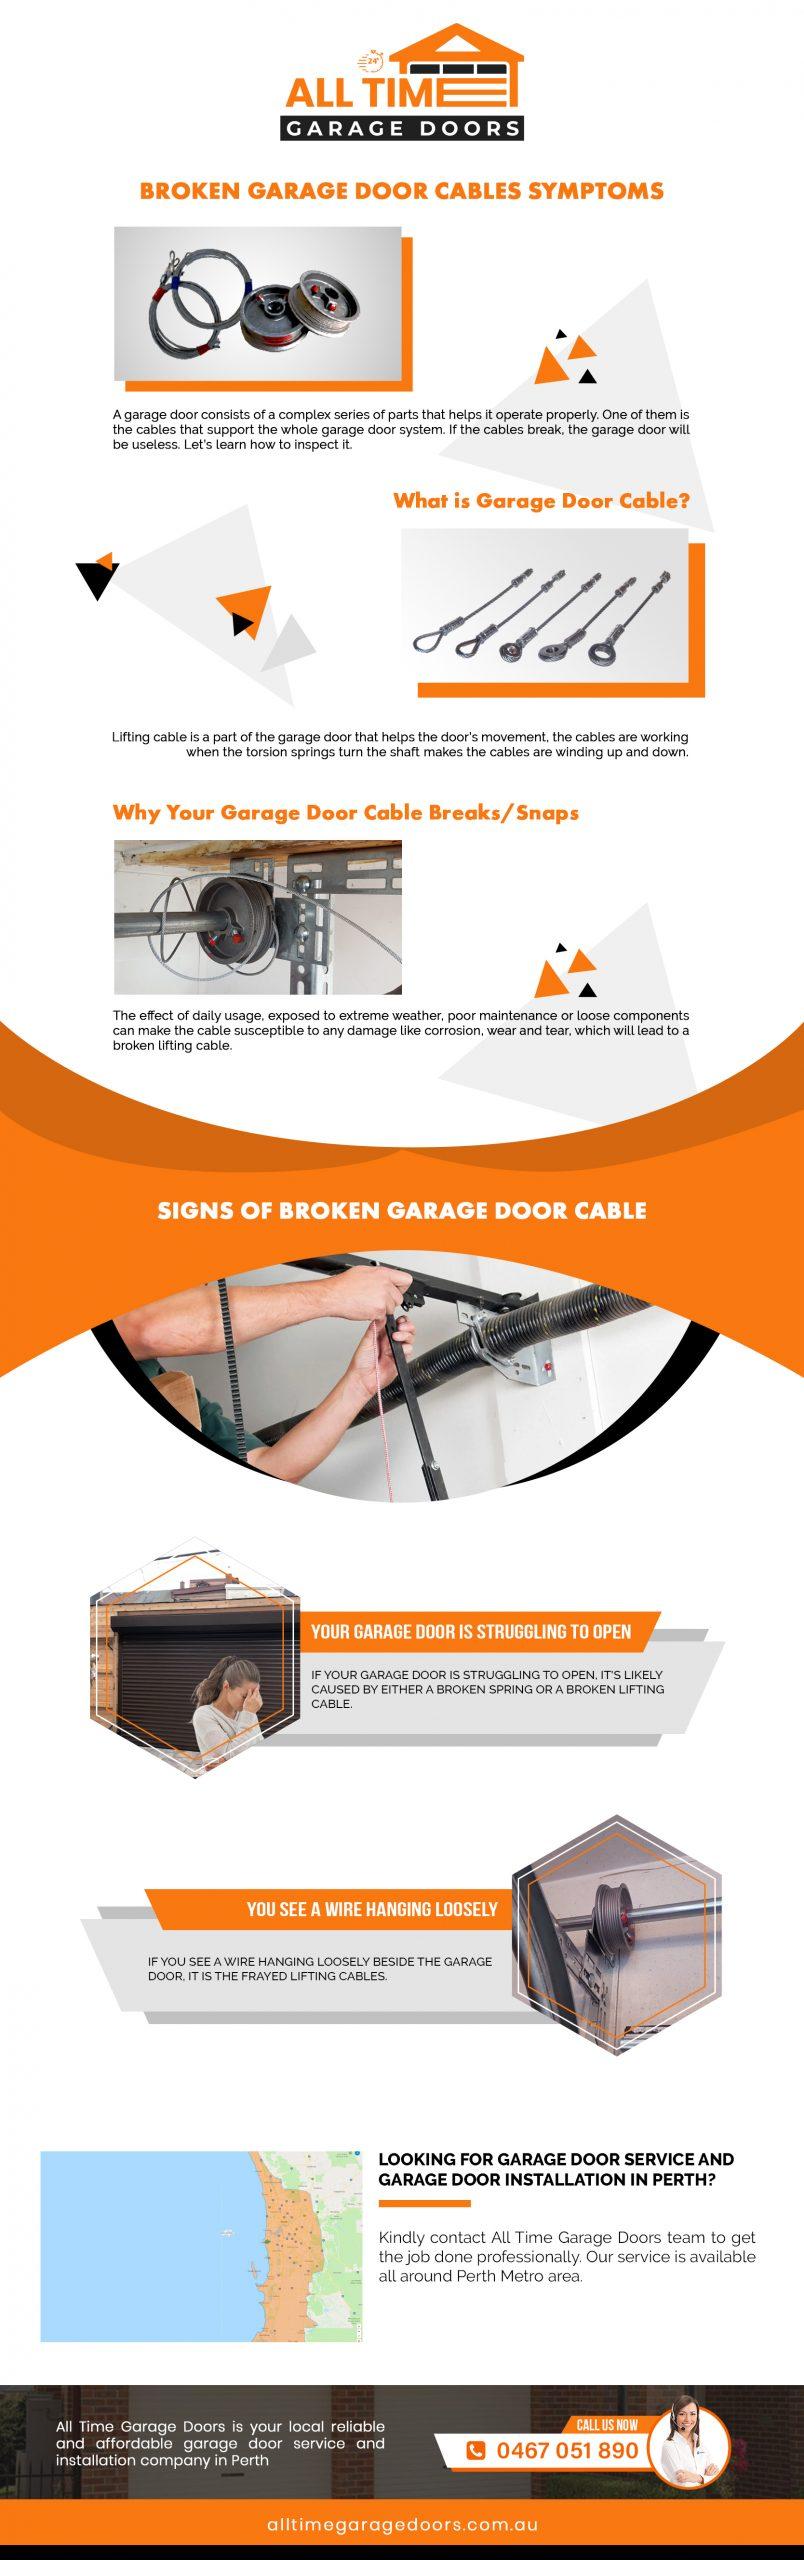 Broken Garage Door Cables Symptoms